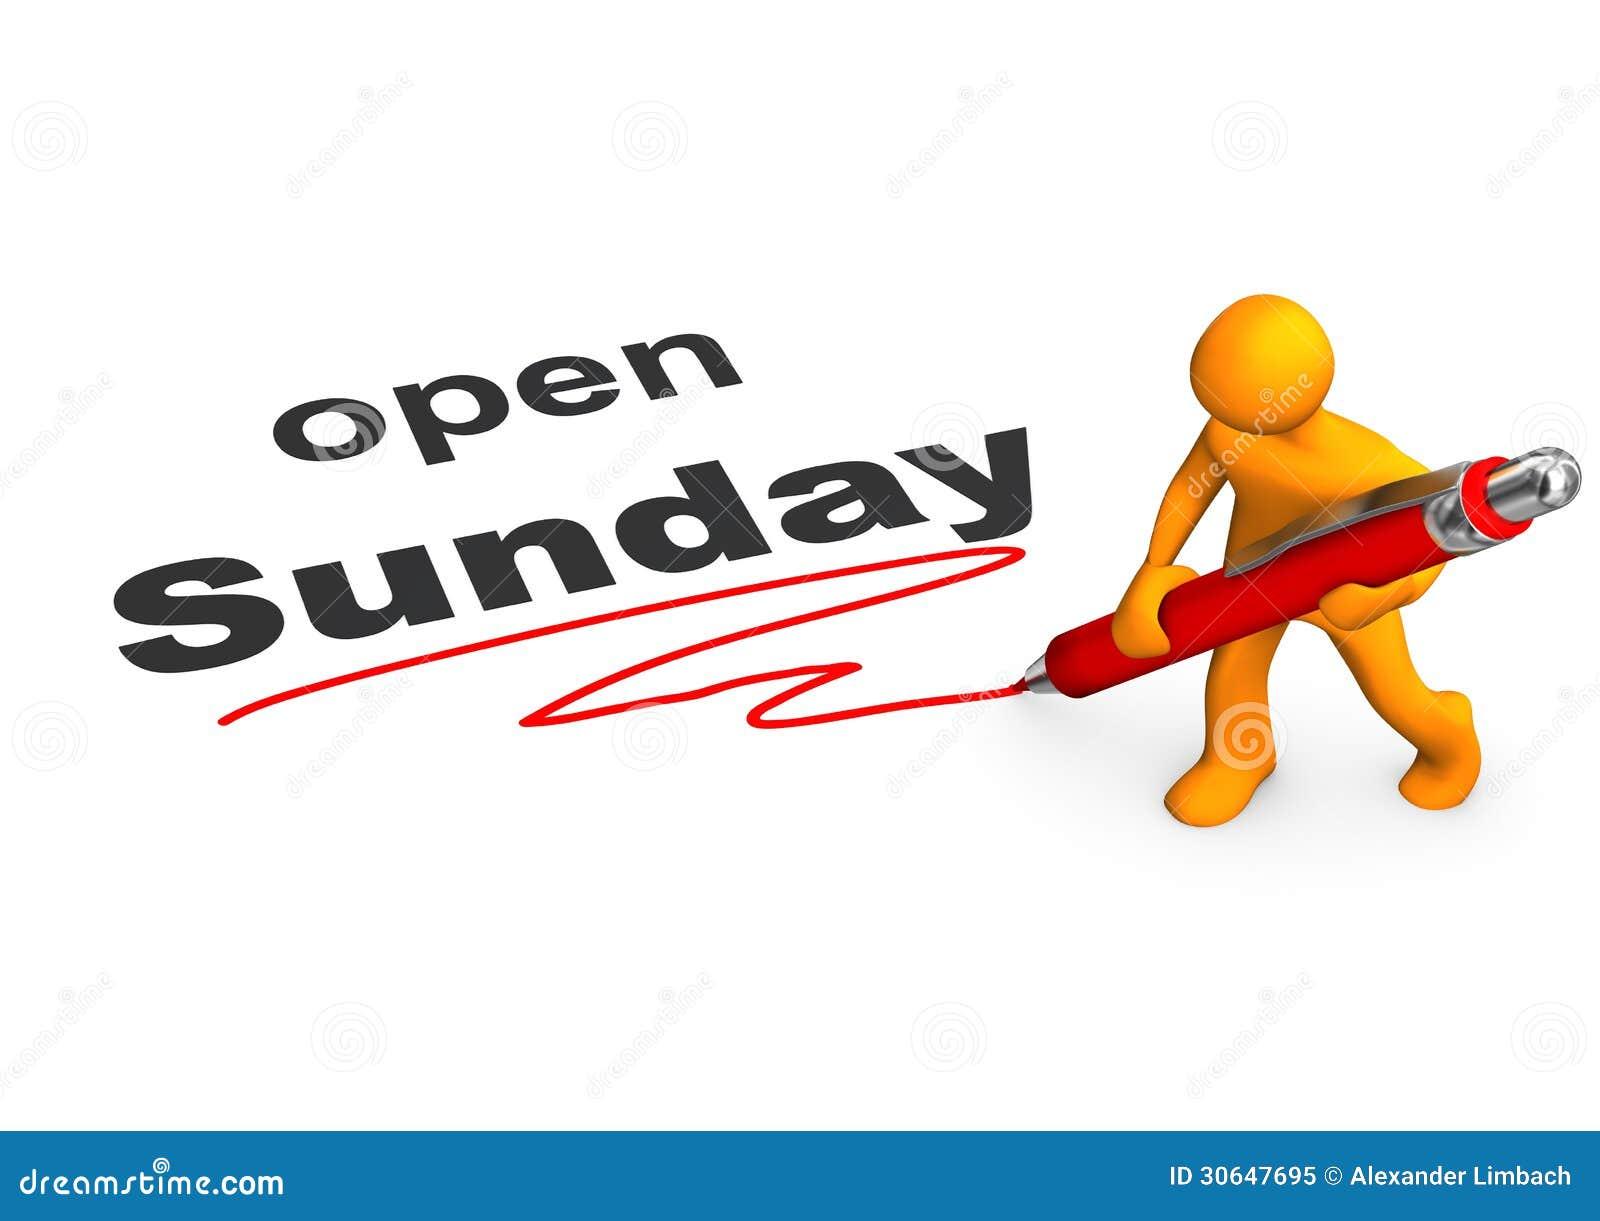 Manikin Ballpen Open Sunday Stock Illustration